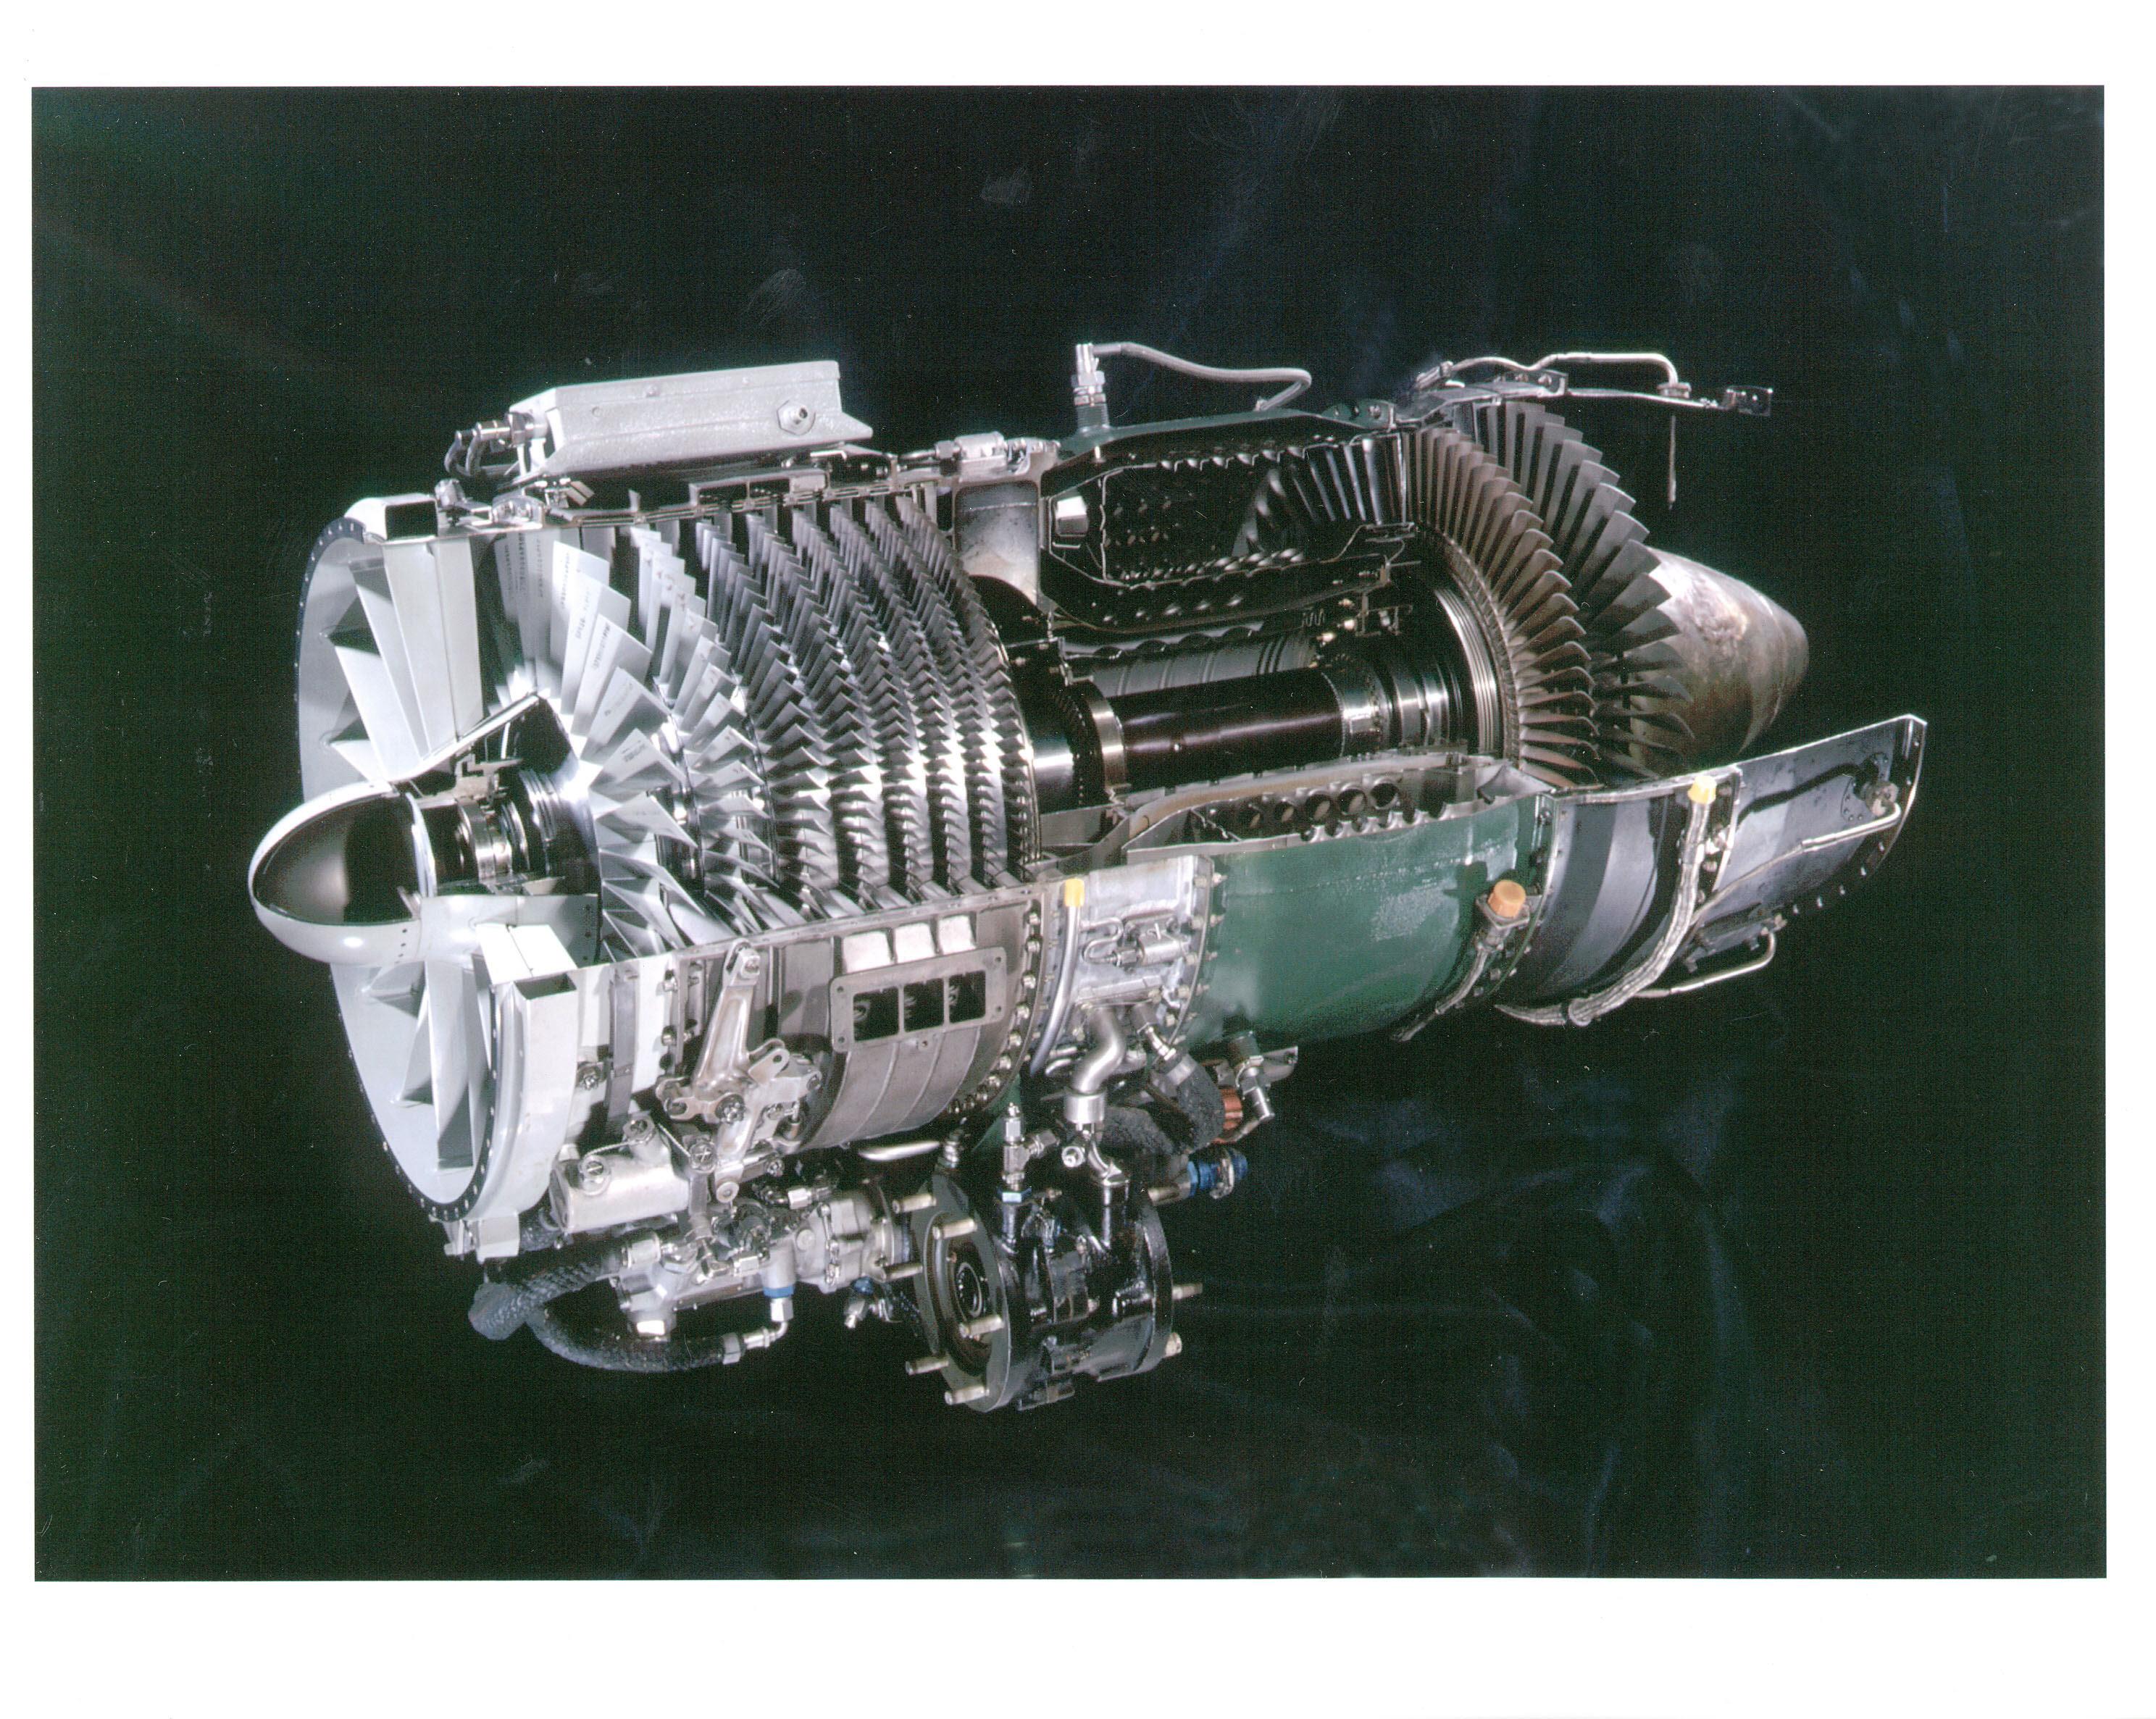 general electric j85 ge 17a turbojet engine cutaway. Black Bedroom Furniture Sets. Home Design Ideas